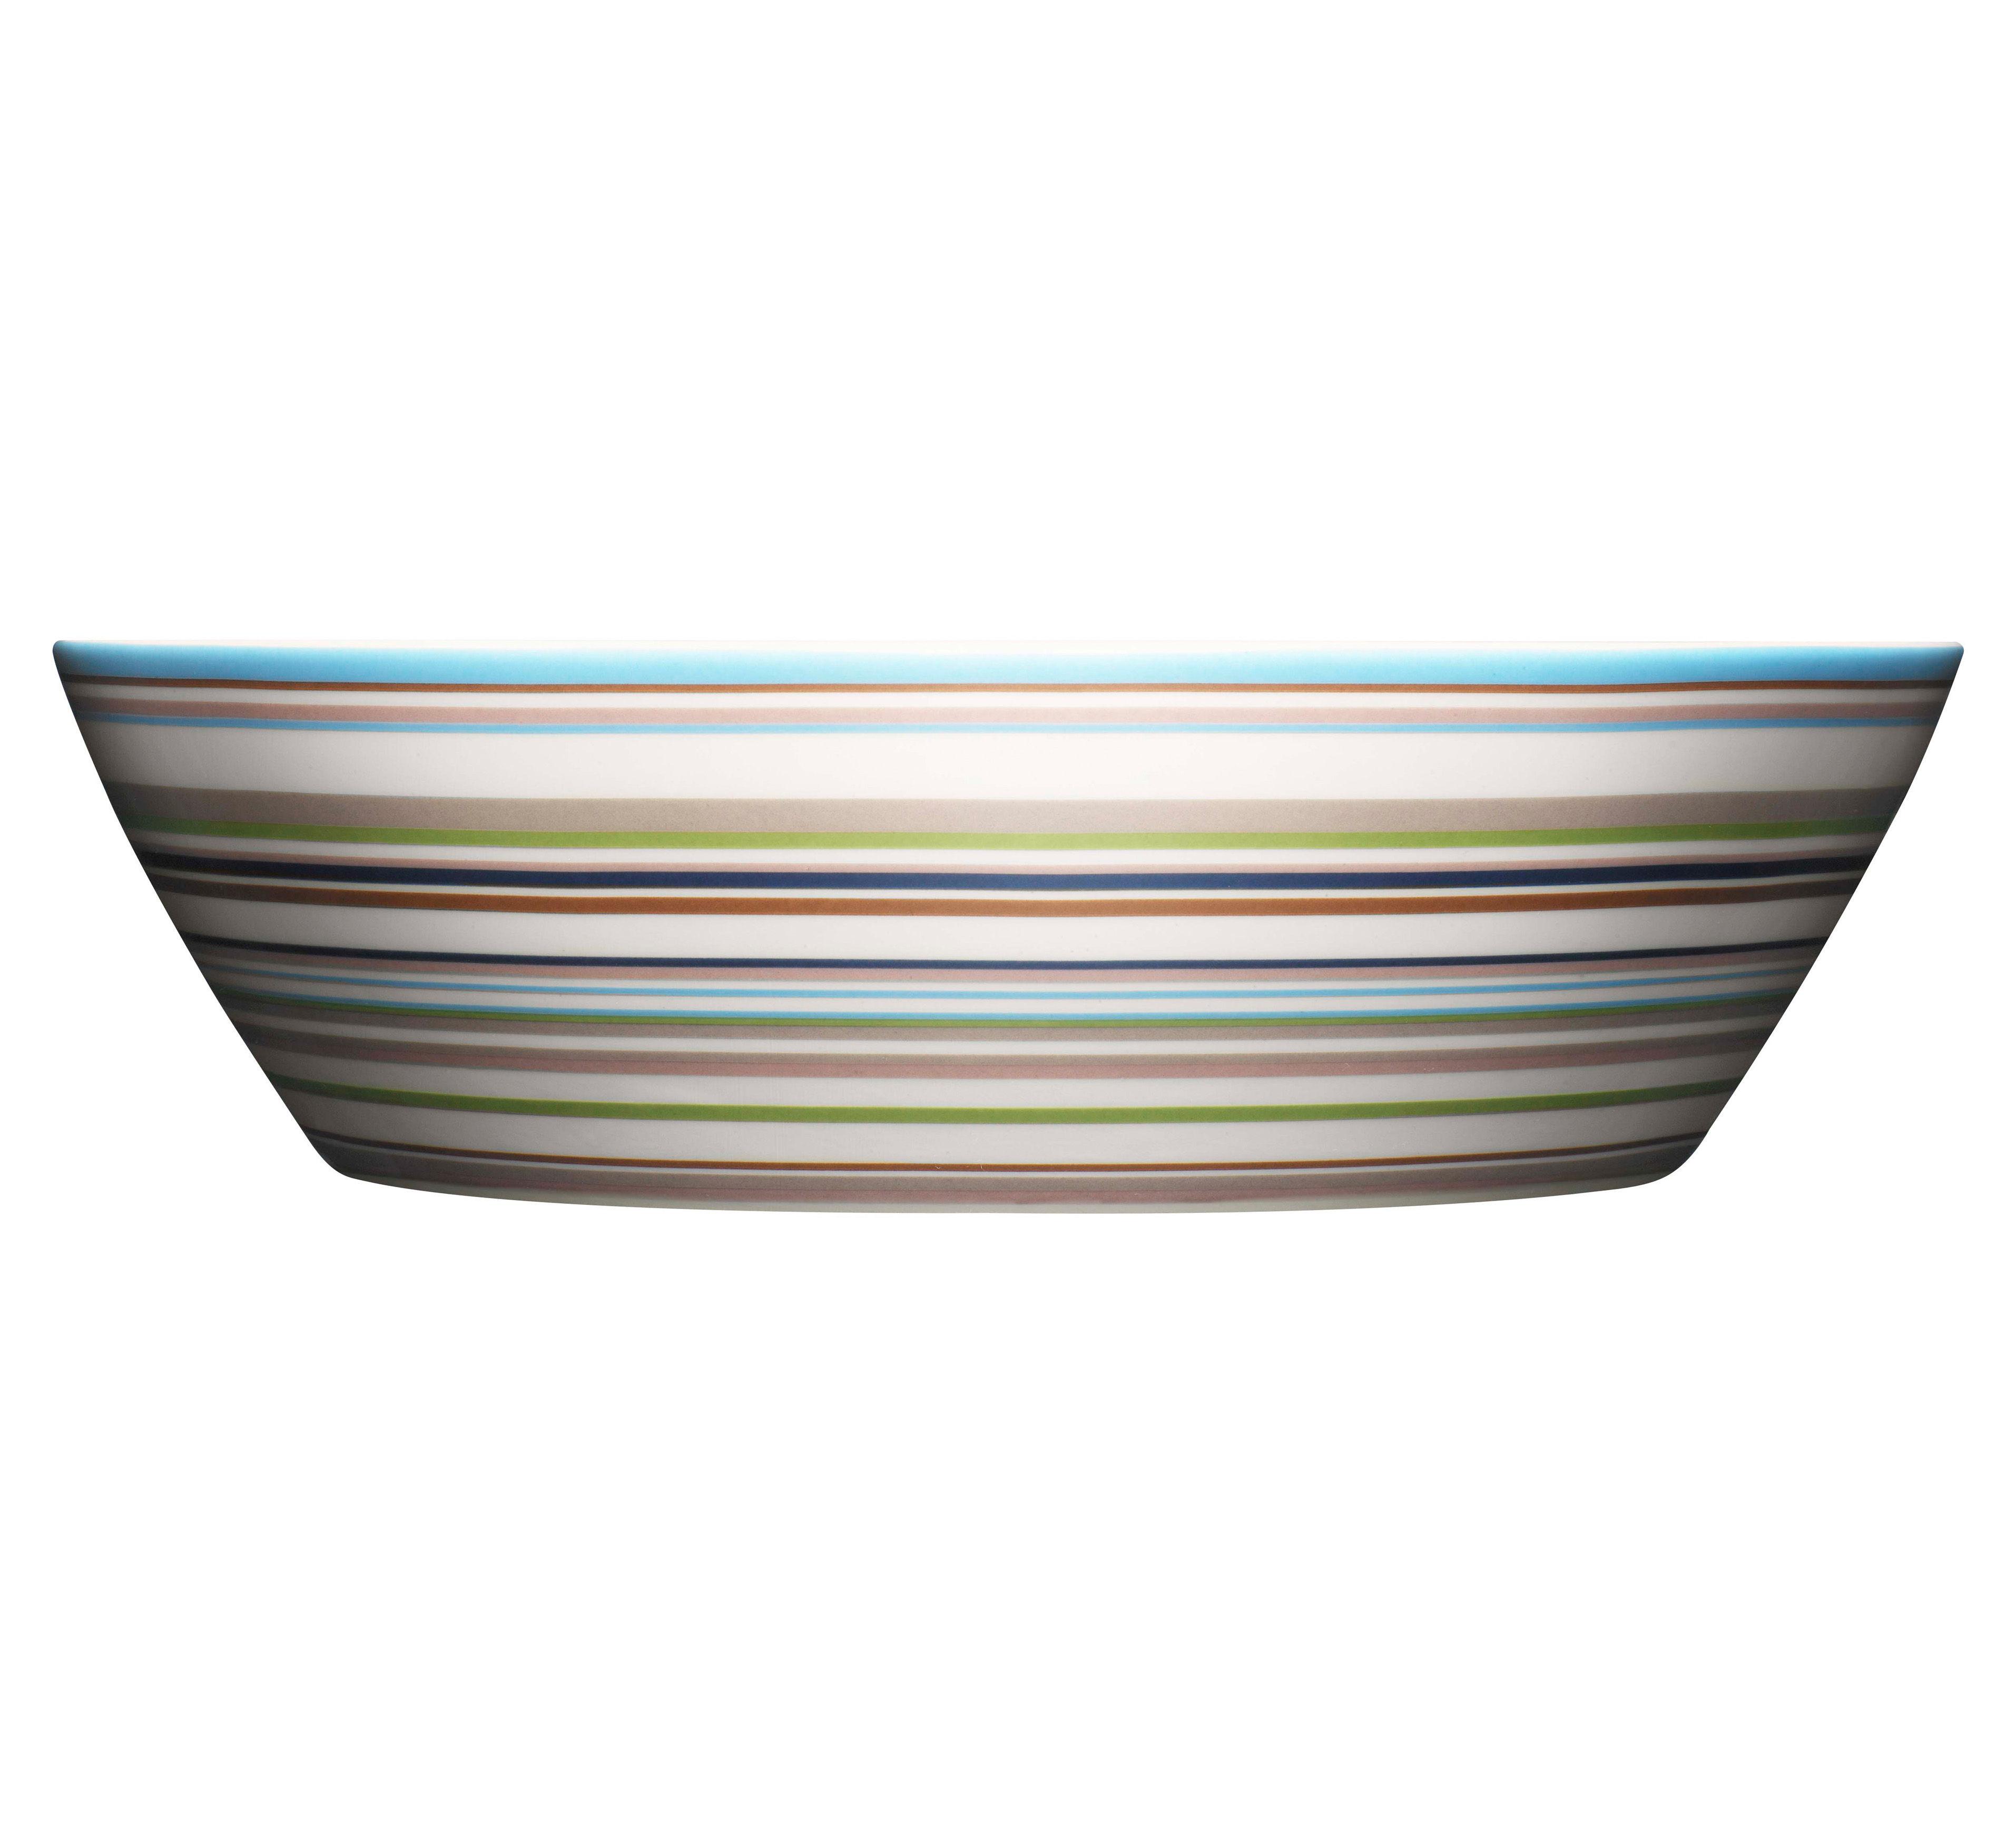 Tischkultur - Salatschüsseln und Schalen - Origo Salatschüssel Ø 25 cm - Iittala - Beige Streifen - Porzellan